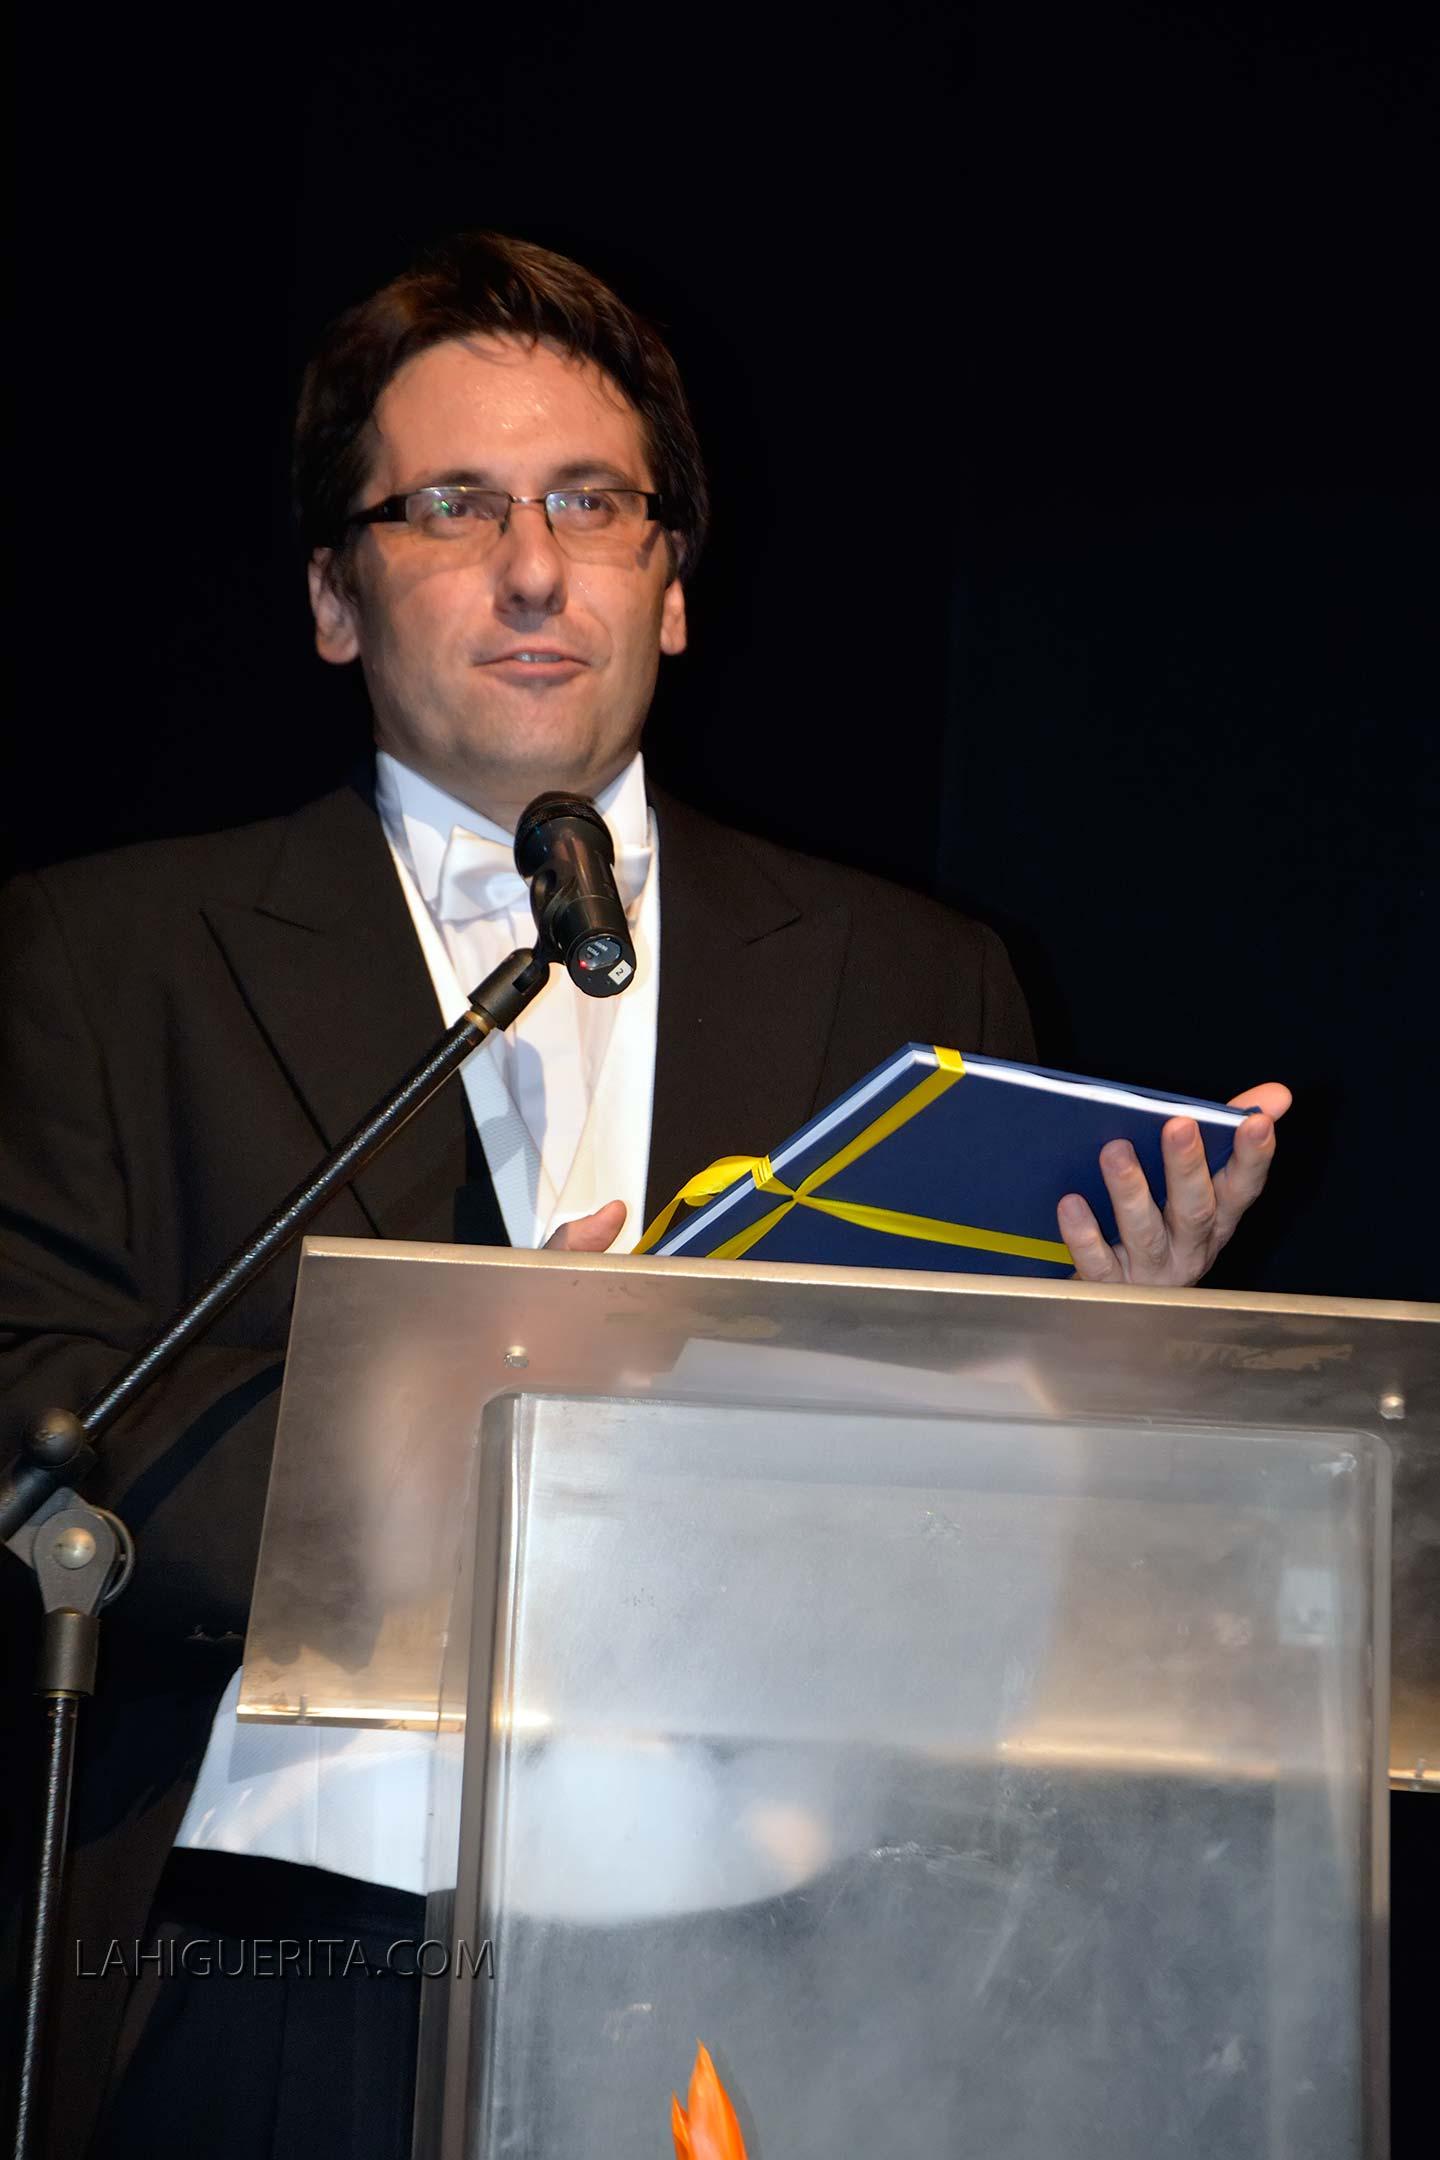 Bartolome Perez Botello _DSC7642